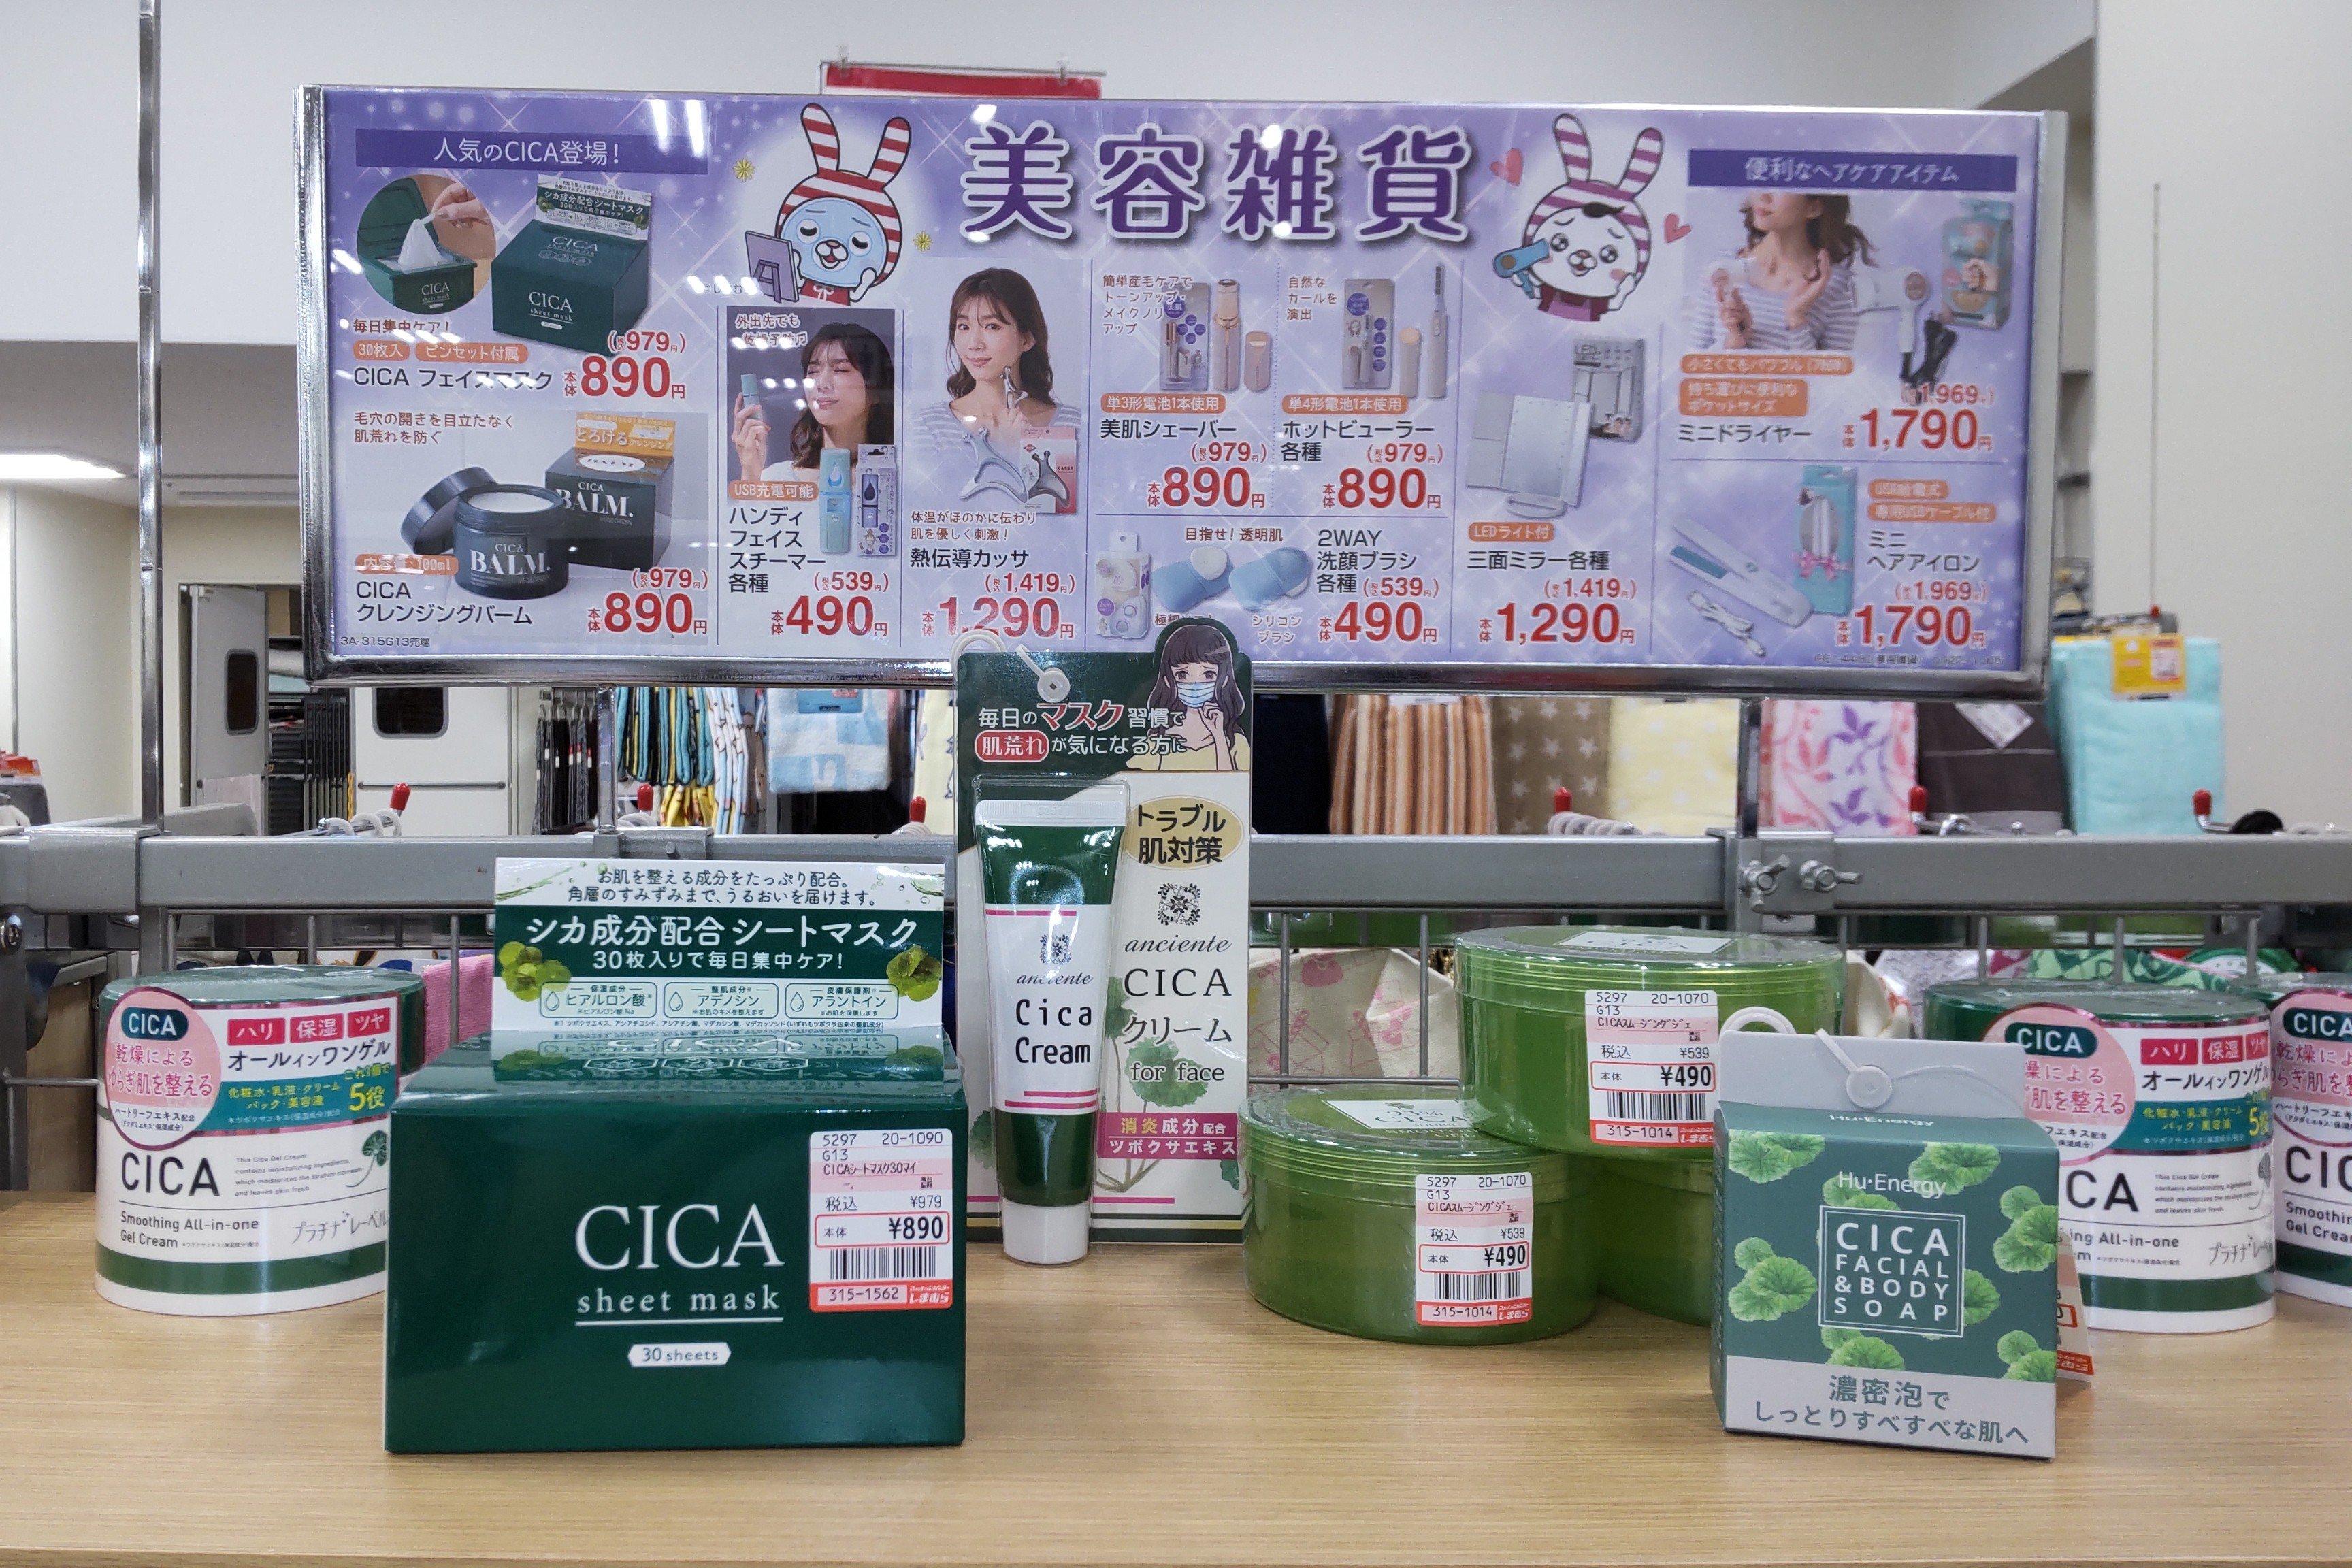 韓国で人気美容成分「CICA」シートマスク【しまむら】30枚入979円で手に入る